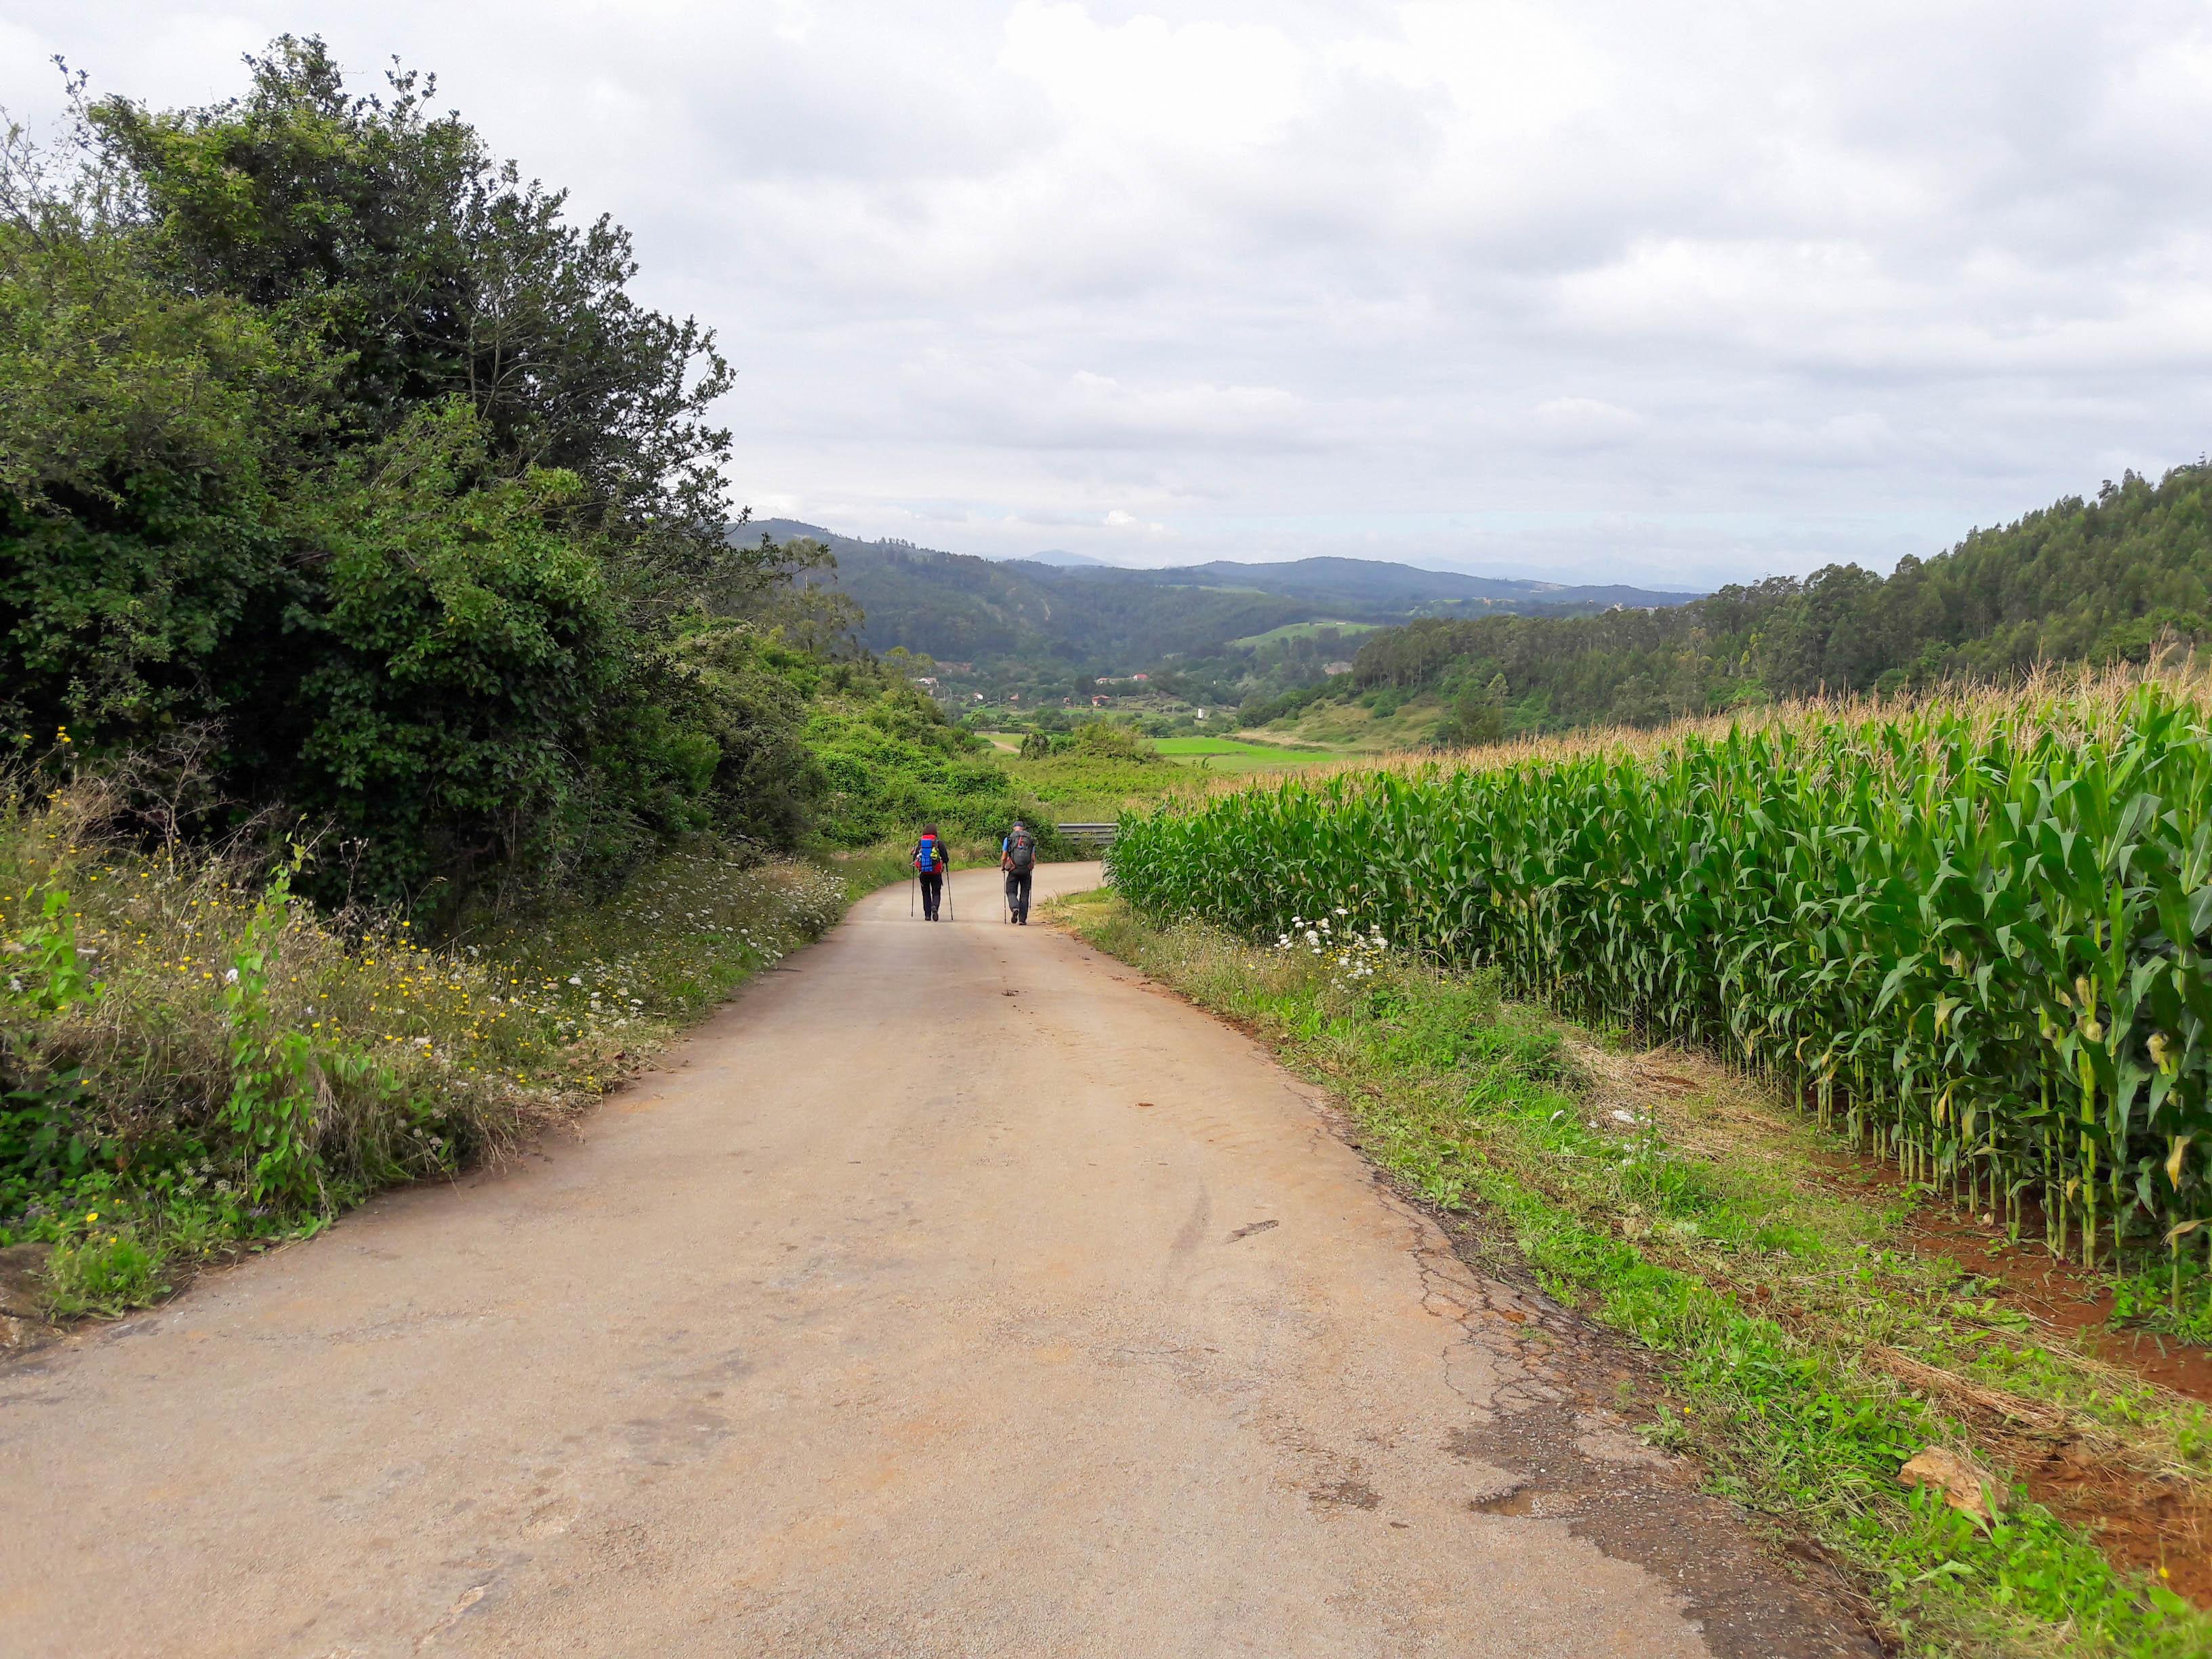 The road to San Martín de Cigüenza